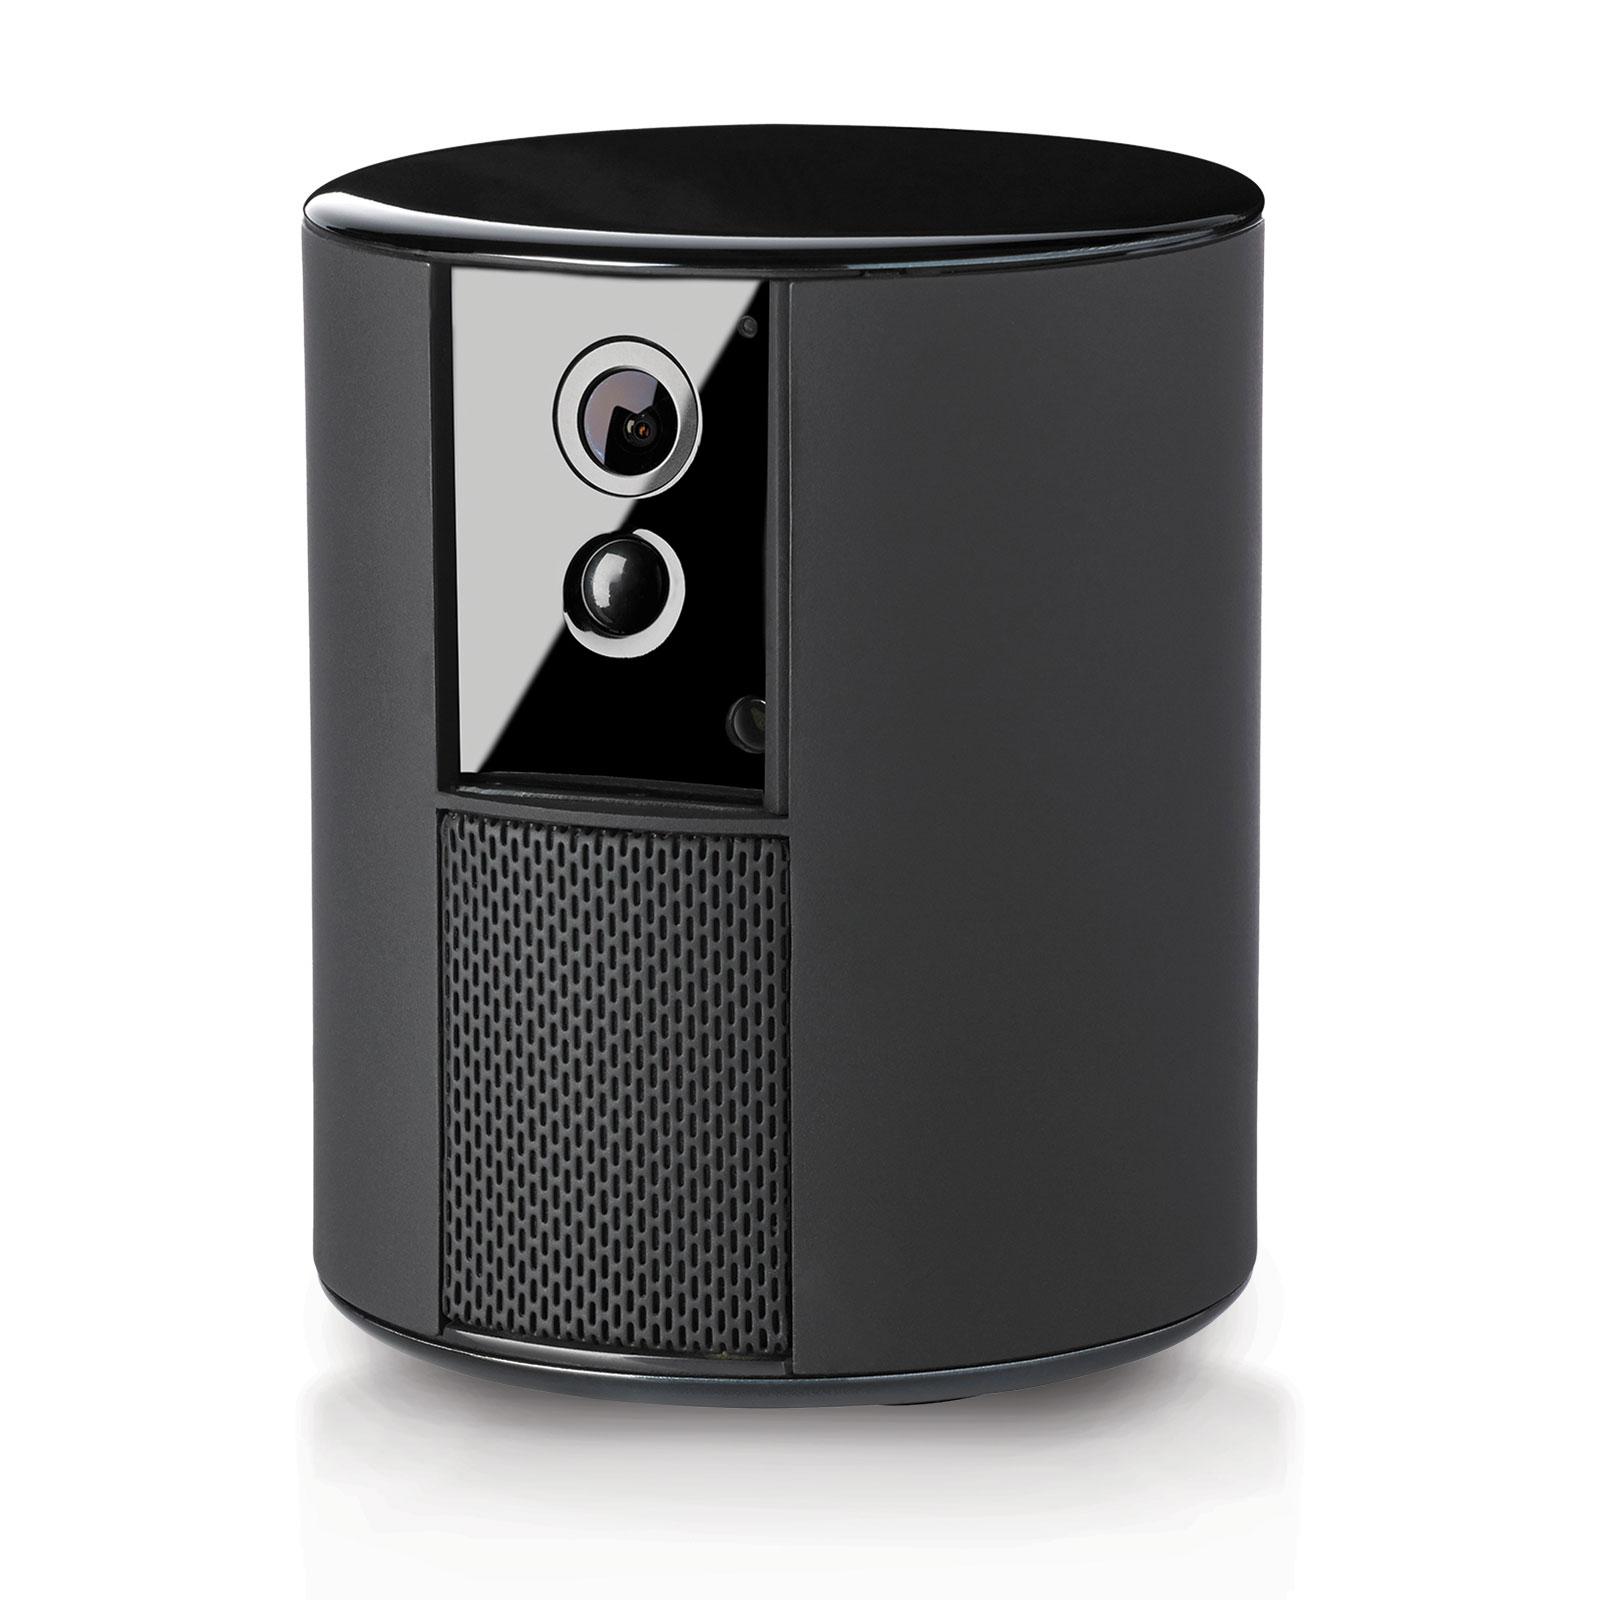 Caméra IP Somfy One Caméra réseau d'intérieur sans fil Full HD avec sirène intégrée (Wi-Fi n) jour/nuit